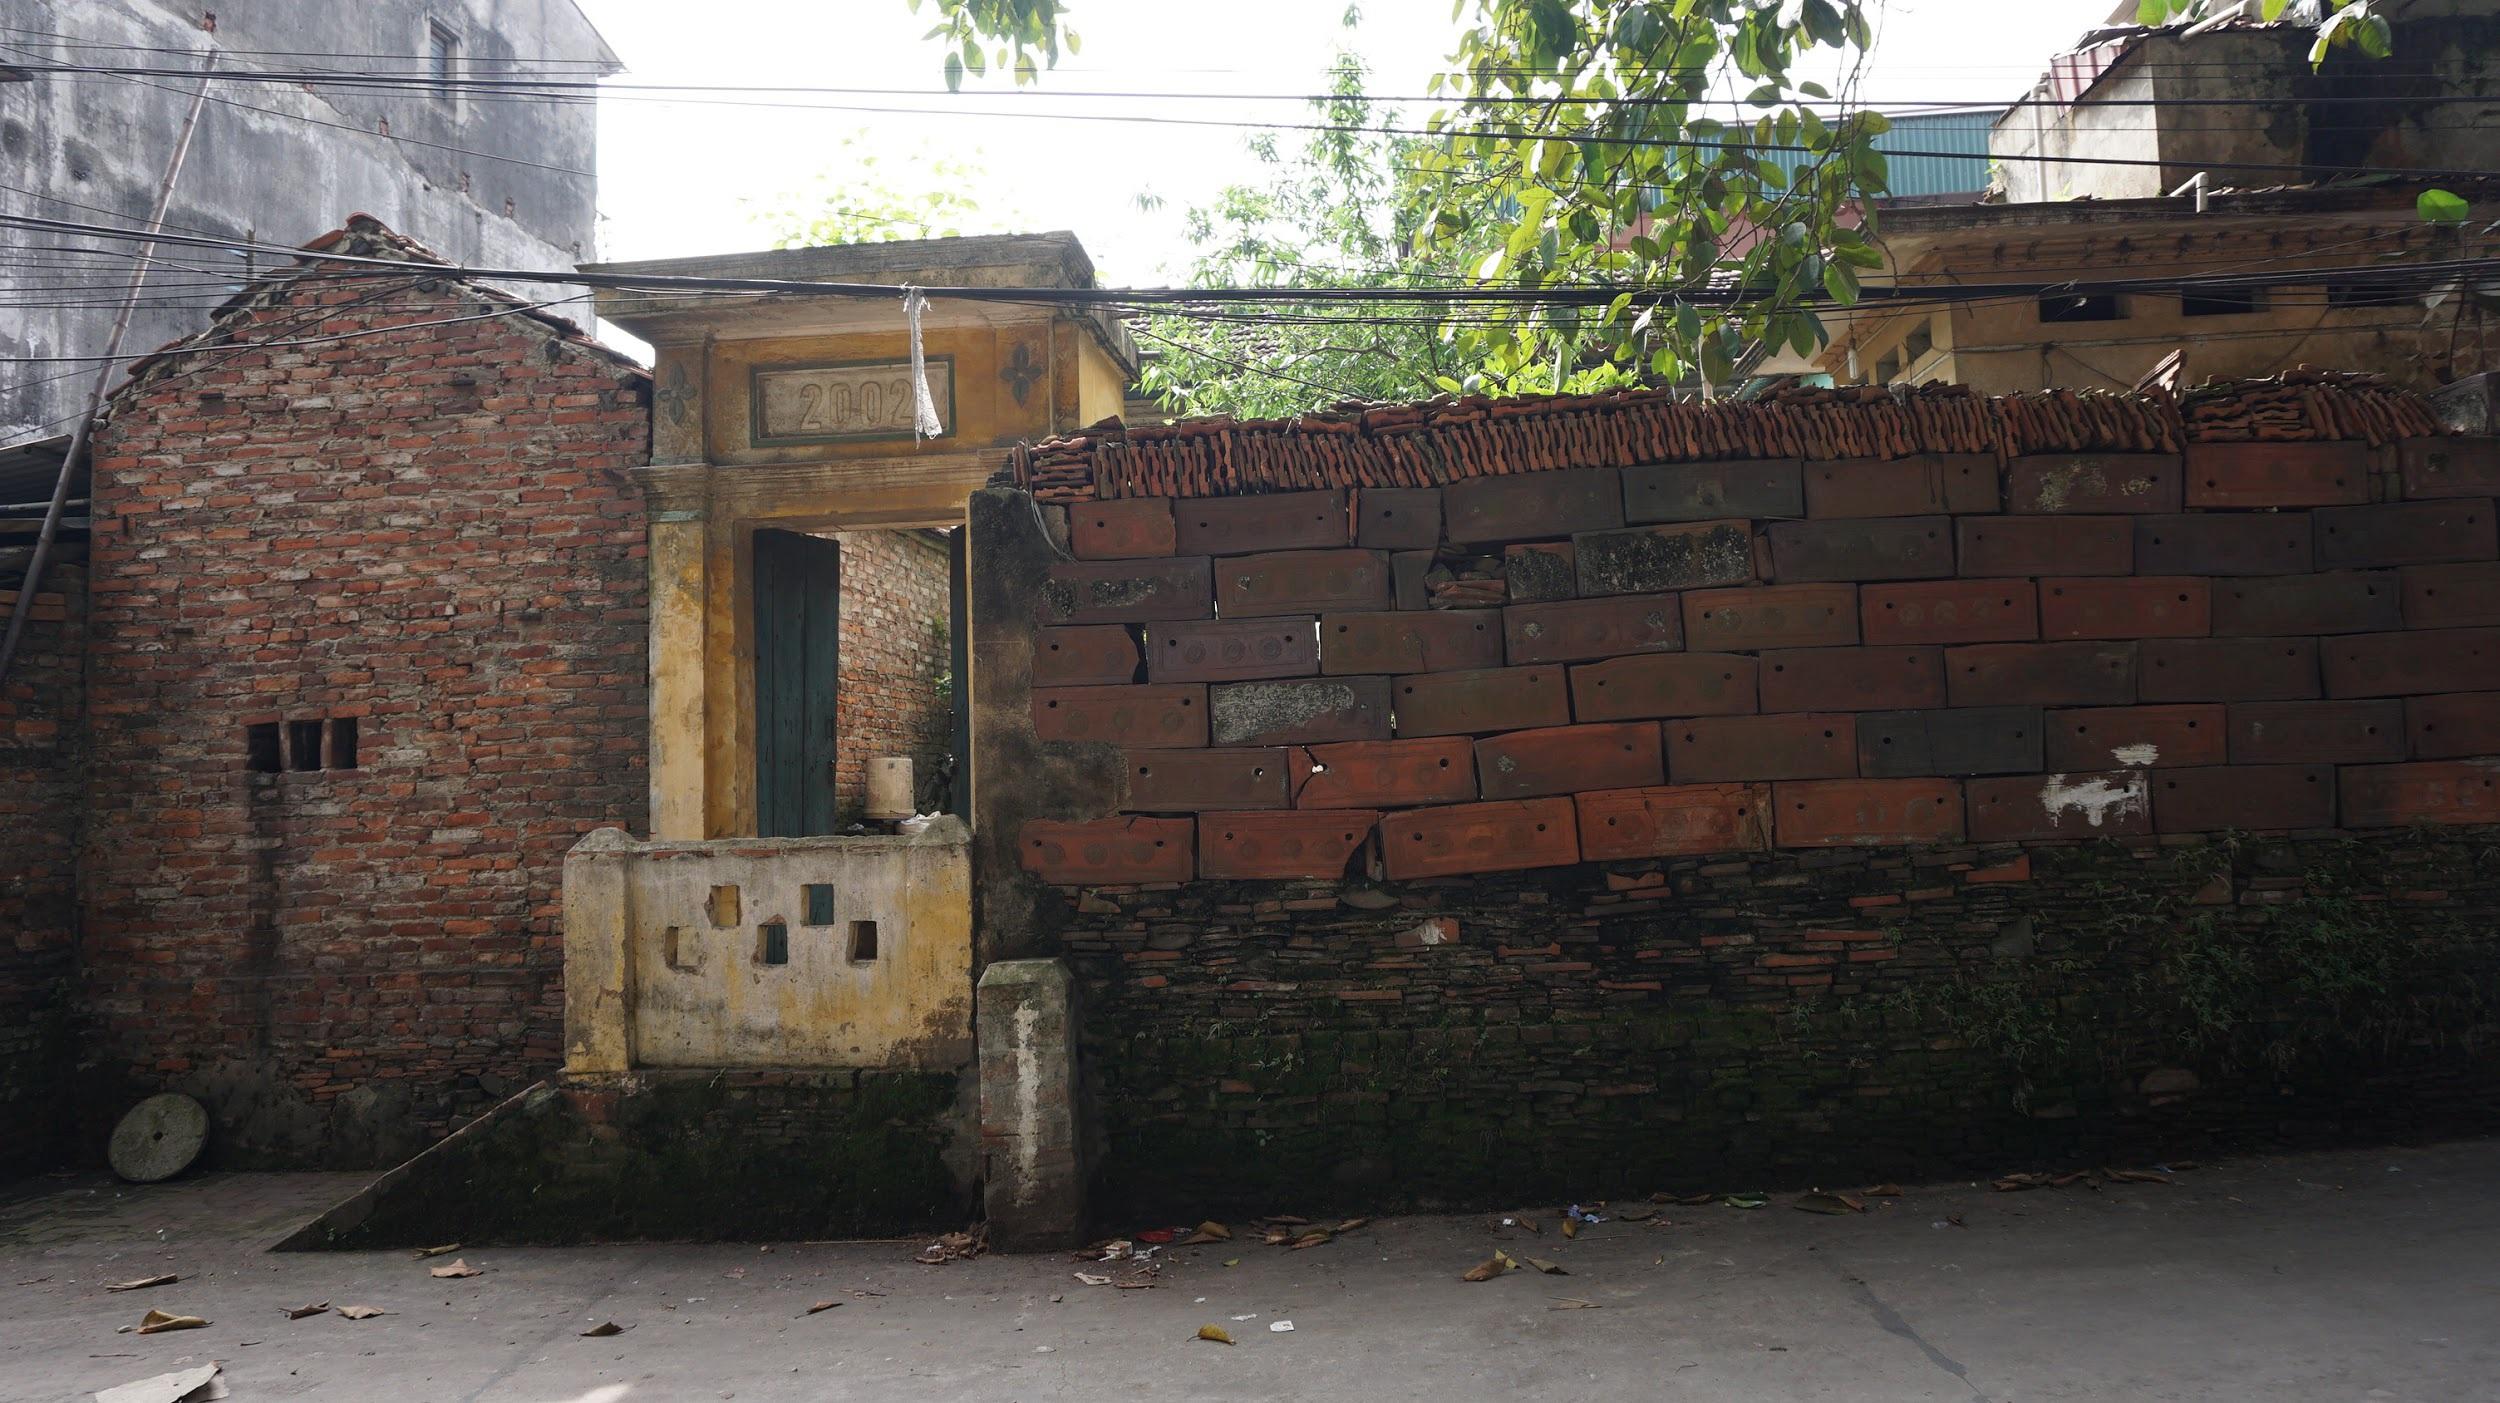 Kỳ lạ làng có những ngôi nhà xây bằng tiểu sành độc nhất ở Việt Nam - 5